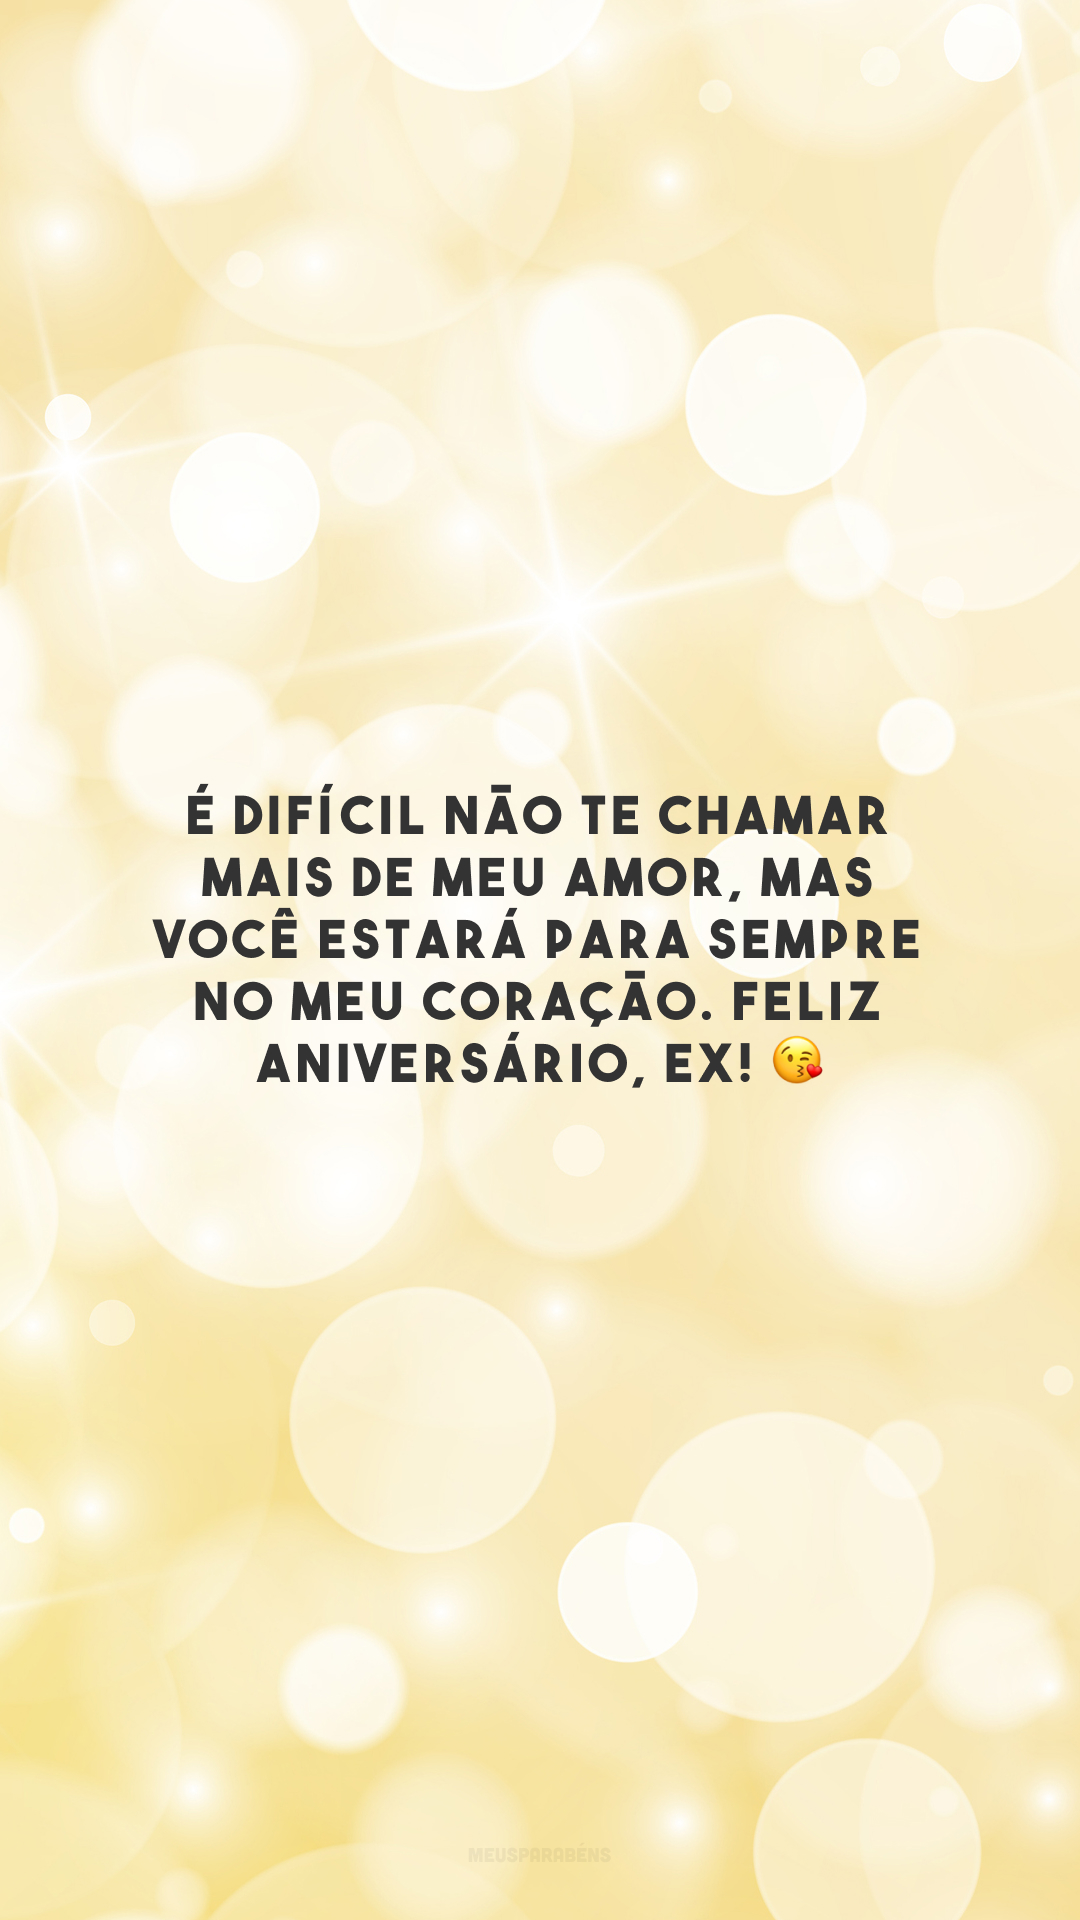 É difícil não te chamar mais de meu amor, mas você estará para sempre no meu coração. Feliz aniversário, ex! 😘